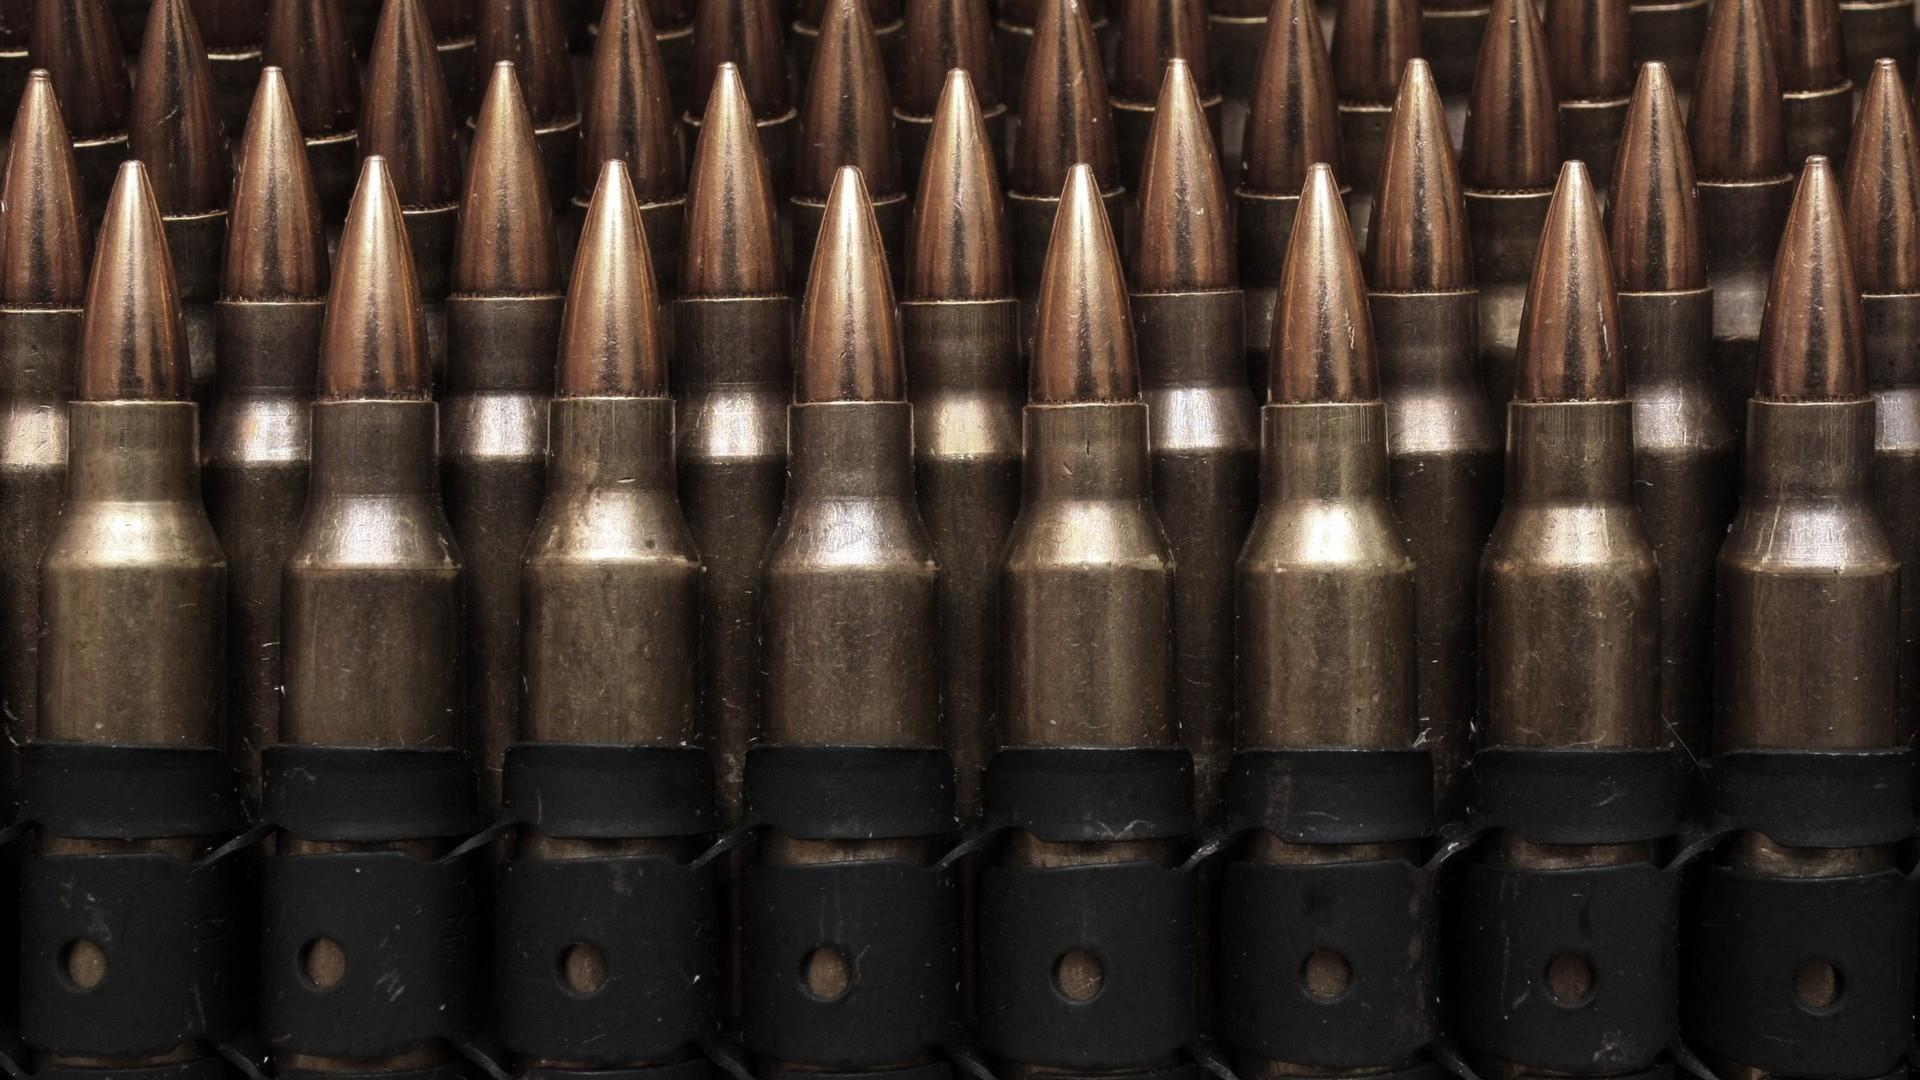 cool ammunition wallpaper 41743